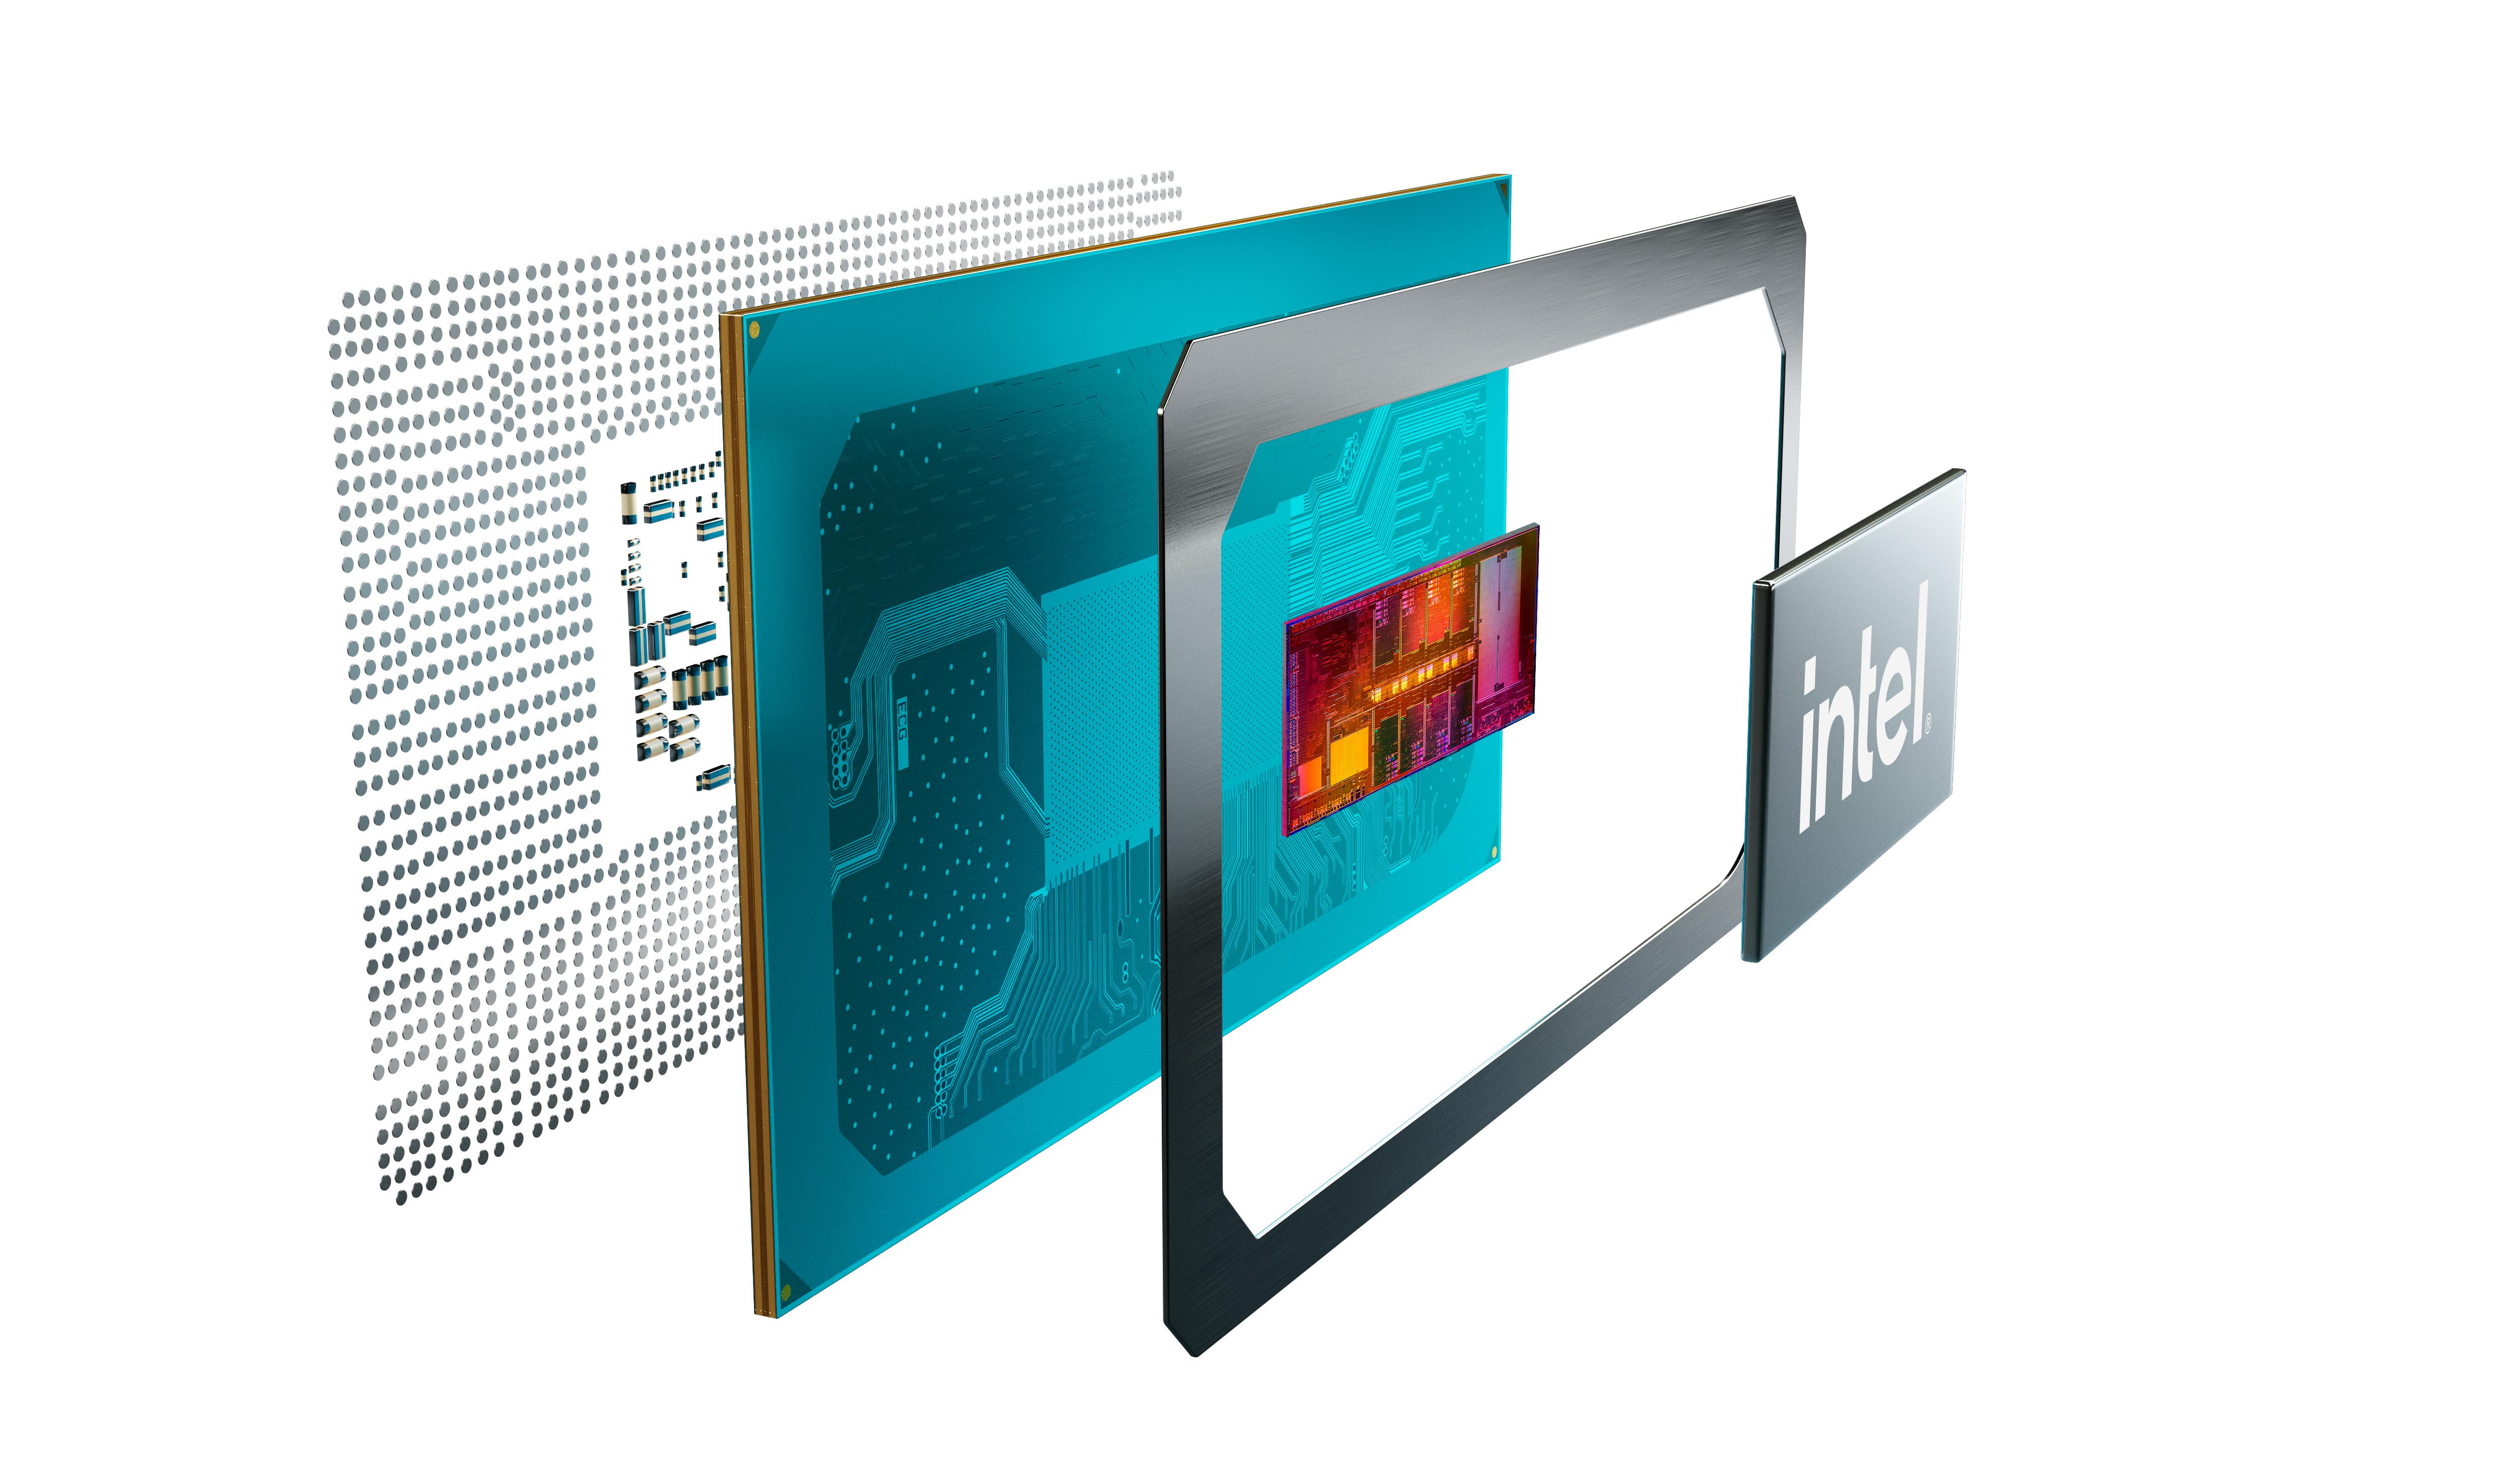 英特尔正式发布Tiger Lake-H45高性能移动芯片